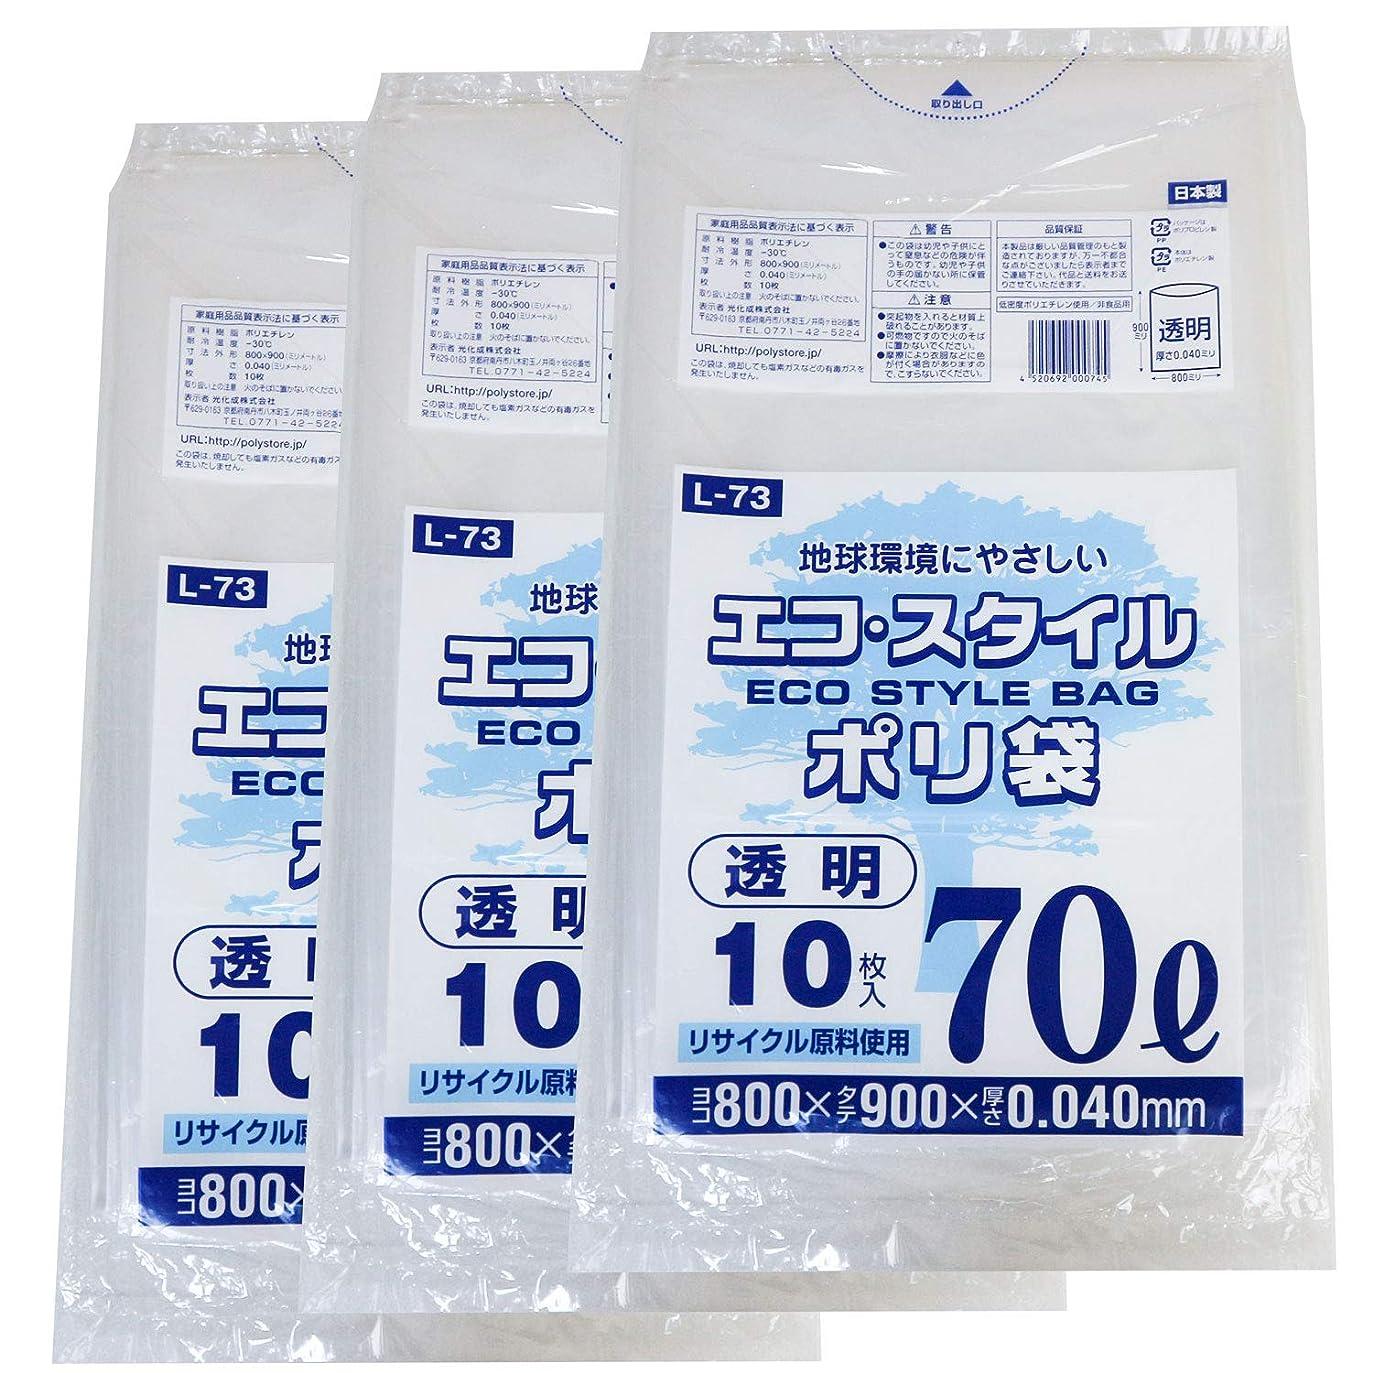 ミュウミュウエレベーターブロックゴミ袋 70L 透明 横800x縦900mm 40ミクロン 10枚 x 3冊【30枚入】